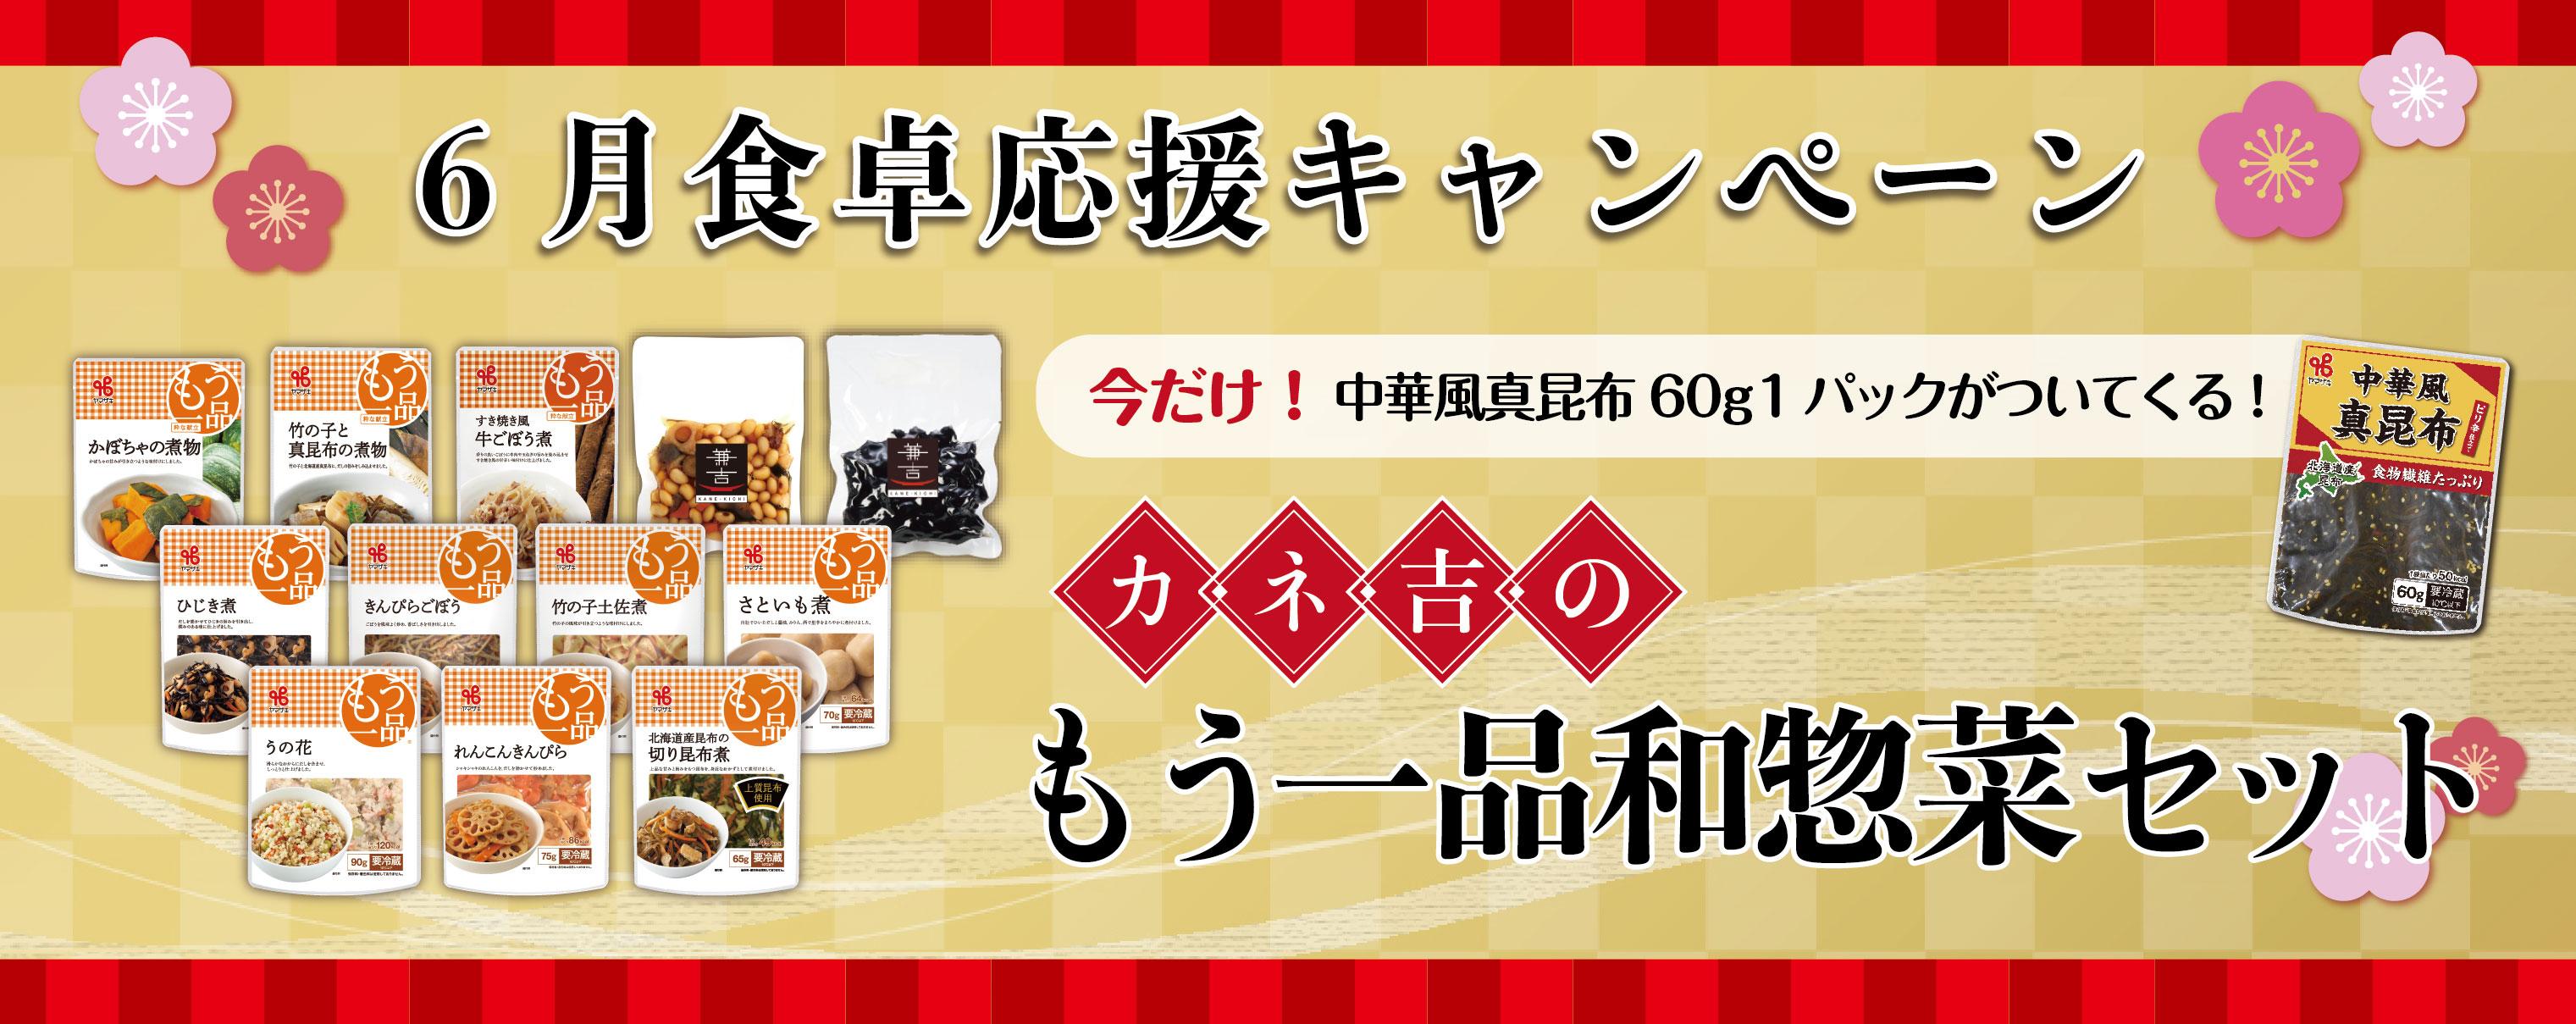 カネ吉のもう一品和惣菜セット+中華風真昆布60g